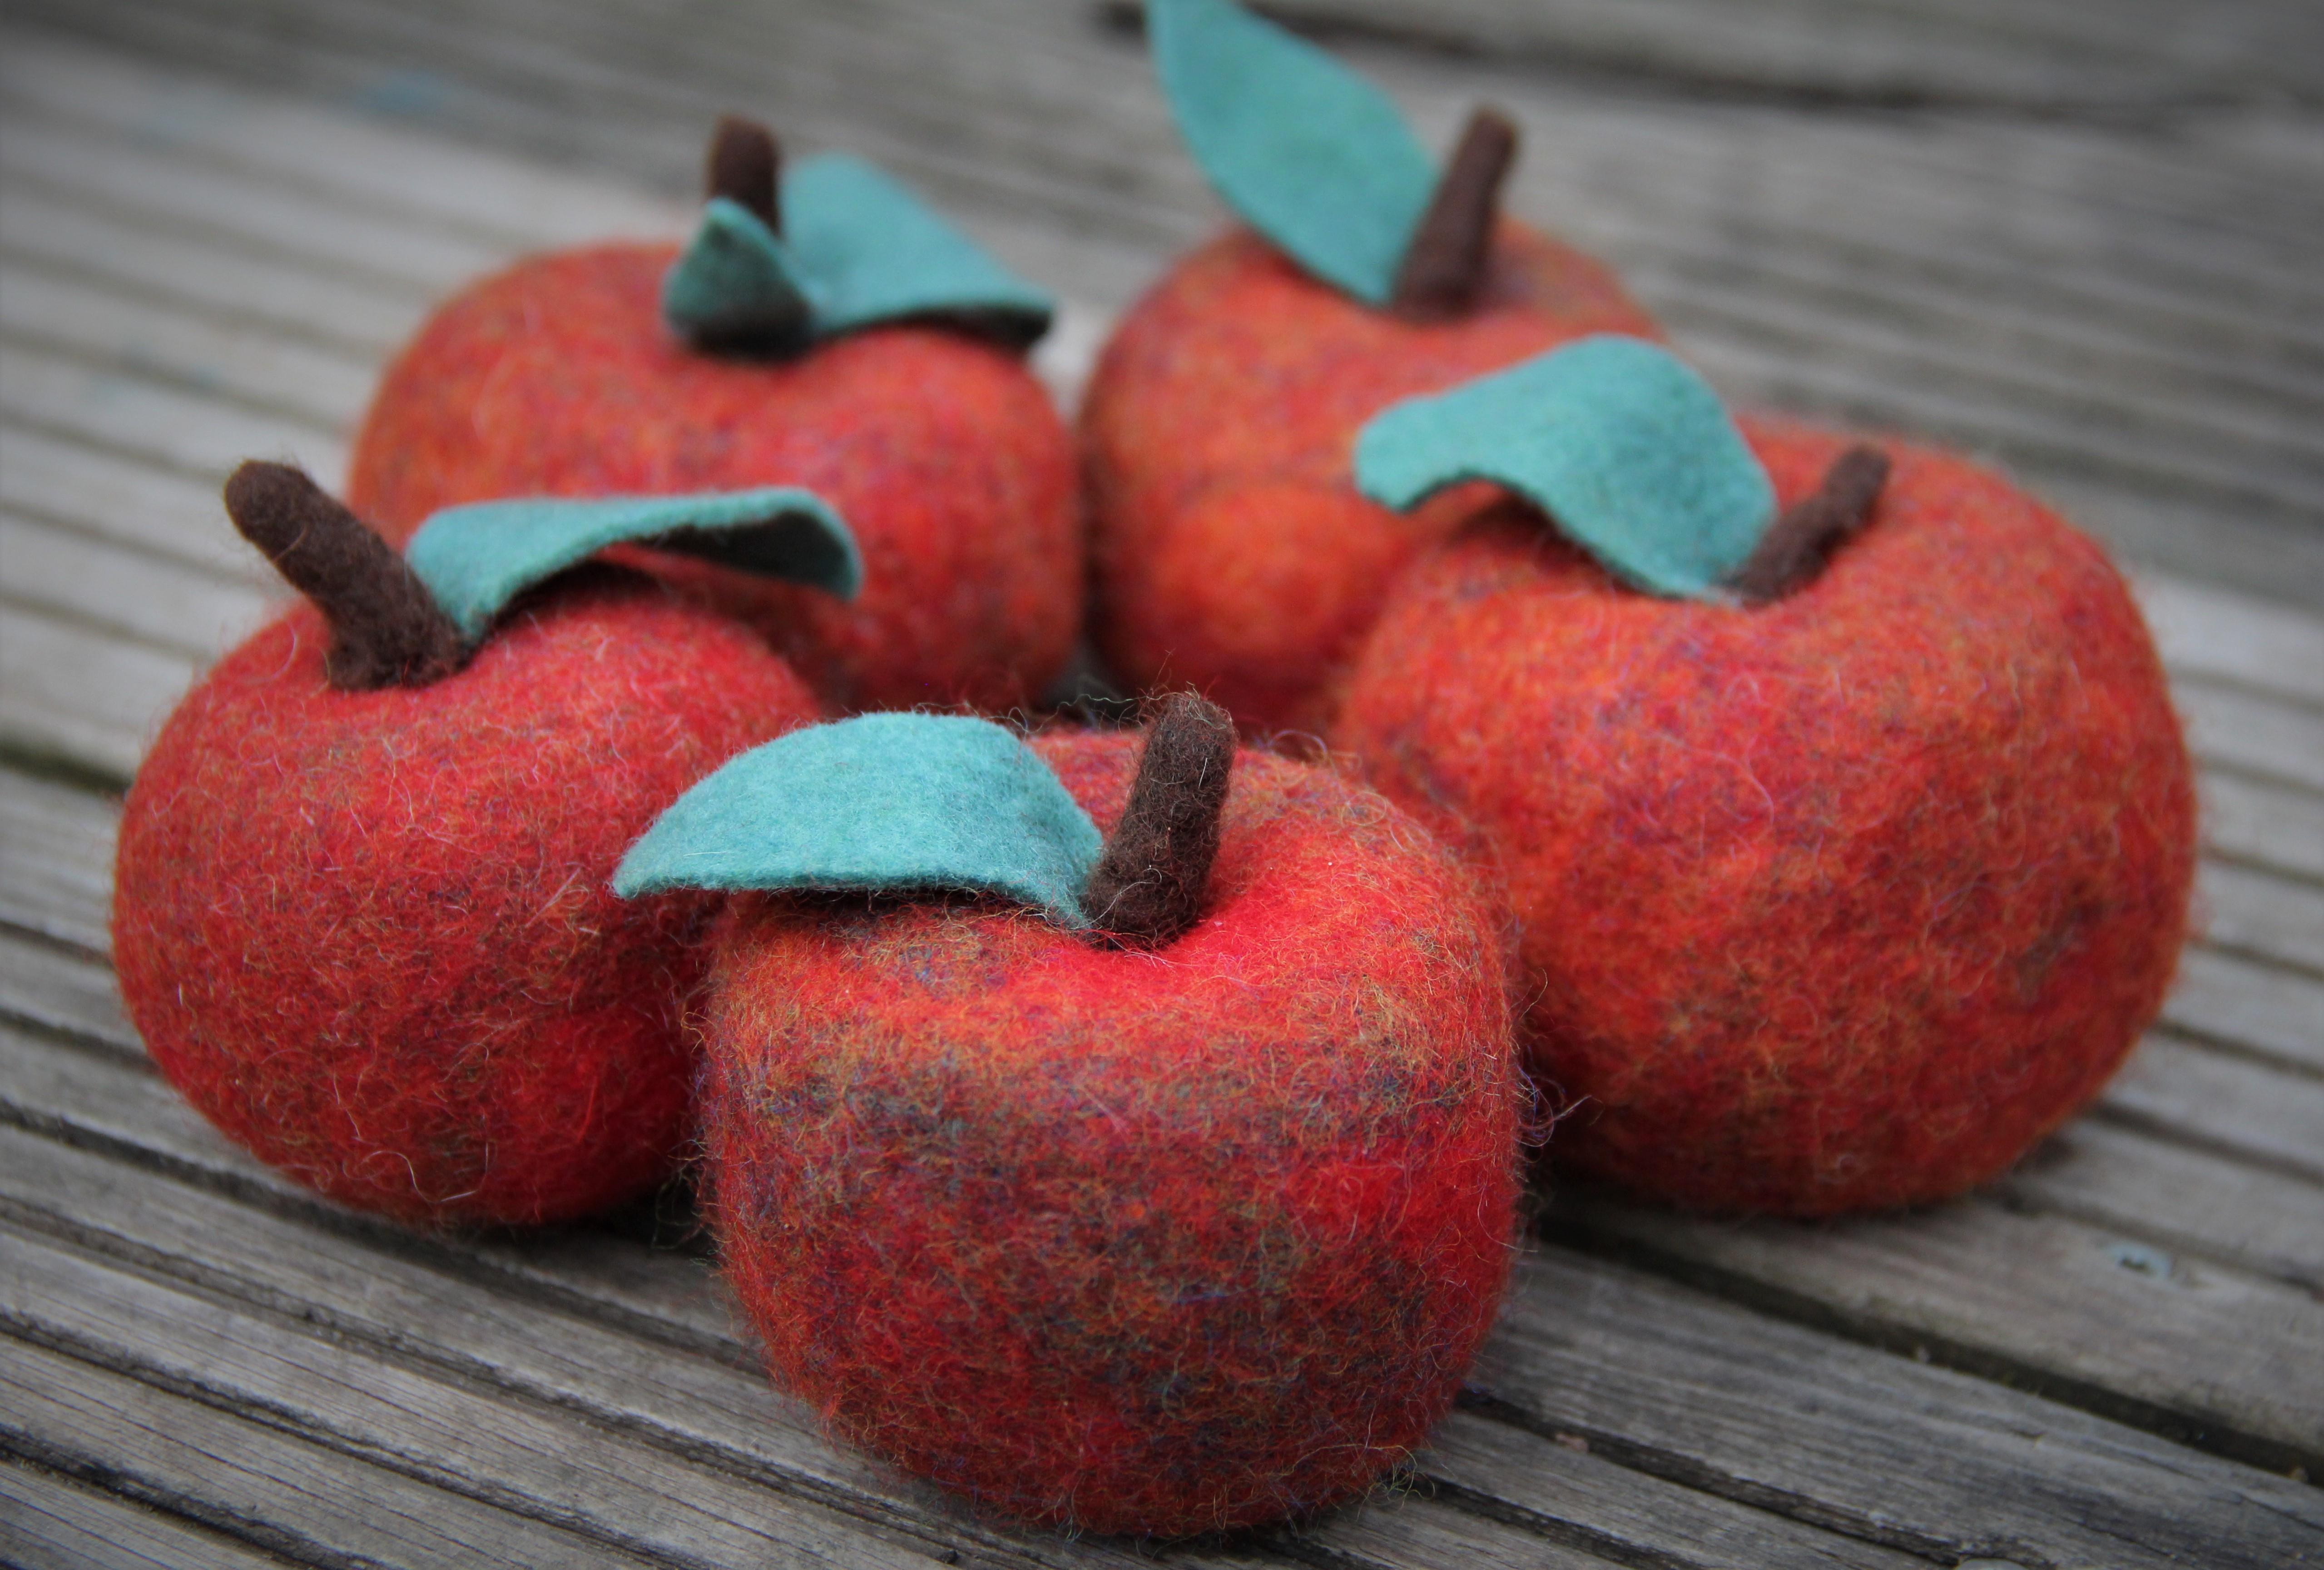 gefilzteäpfel